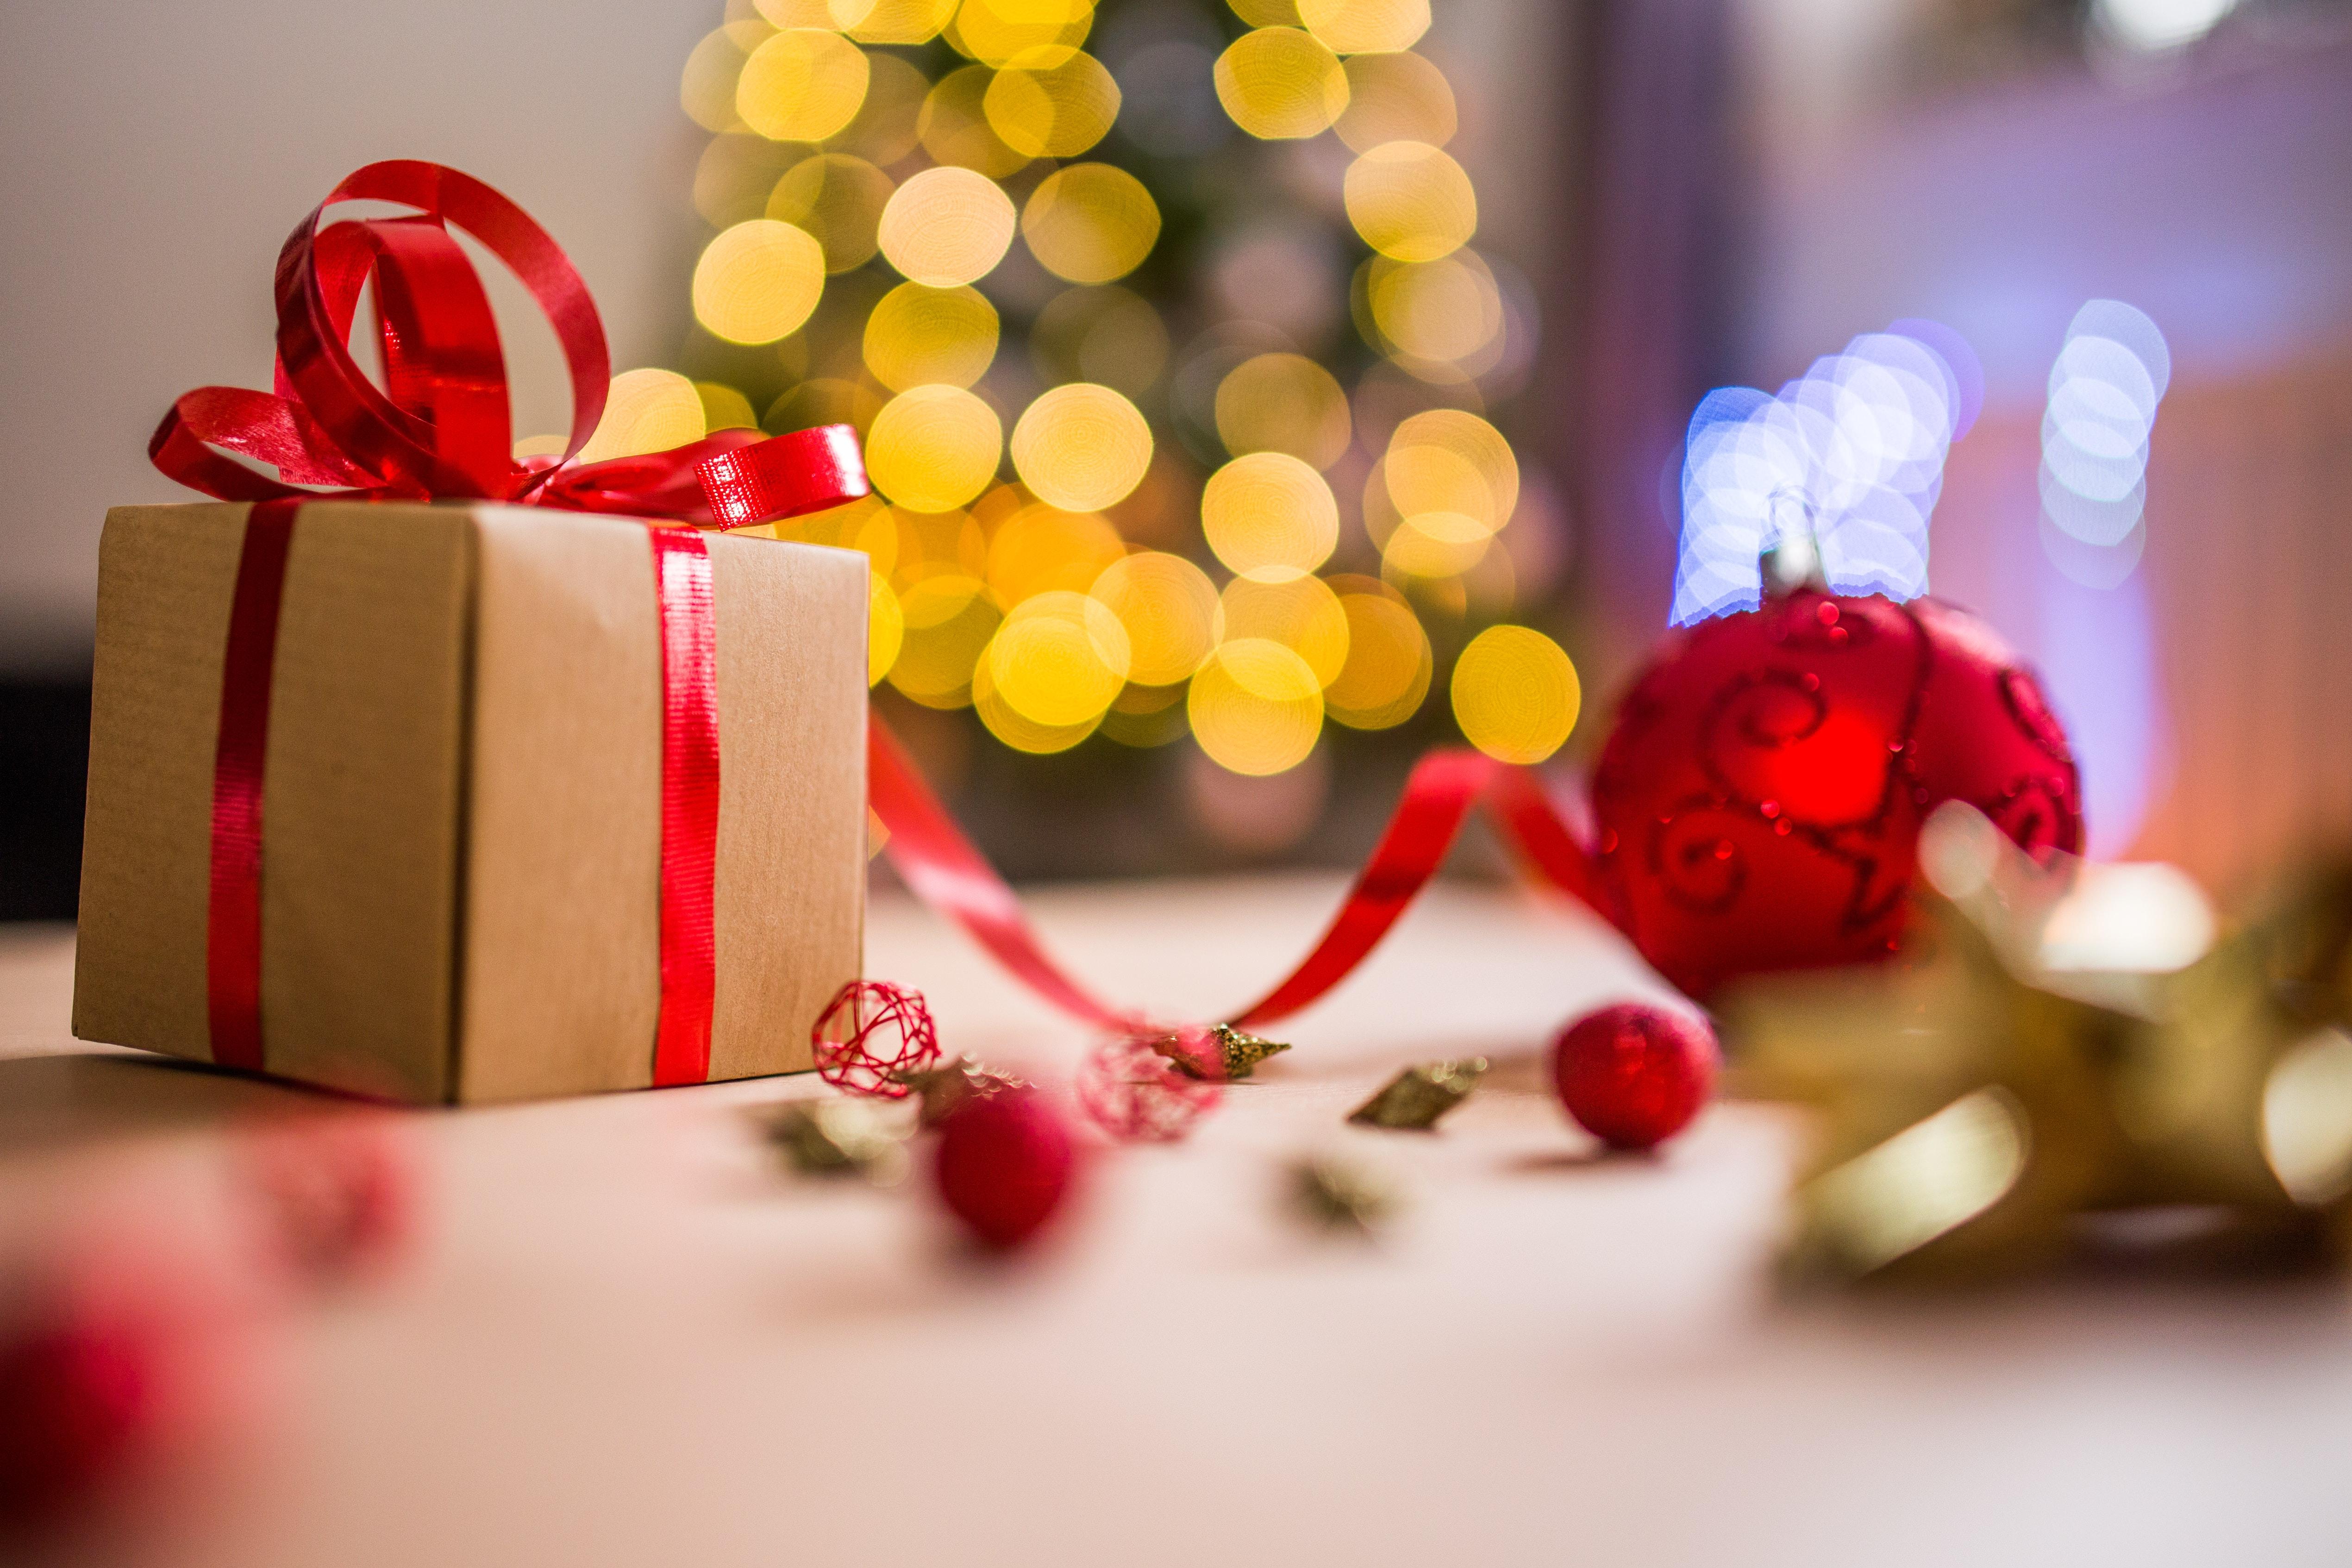 Digital Christmas, un natale da record per gli acquisti online